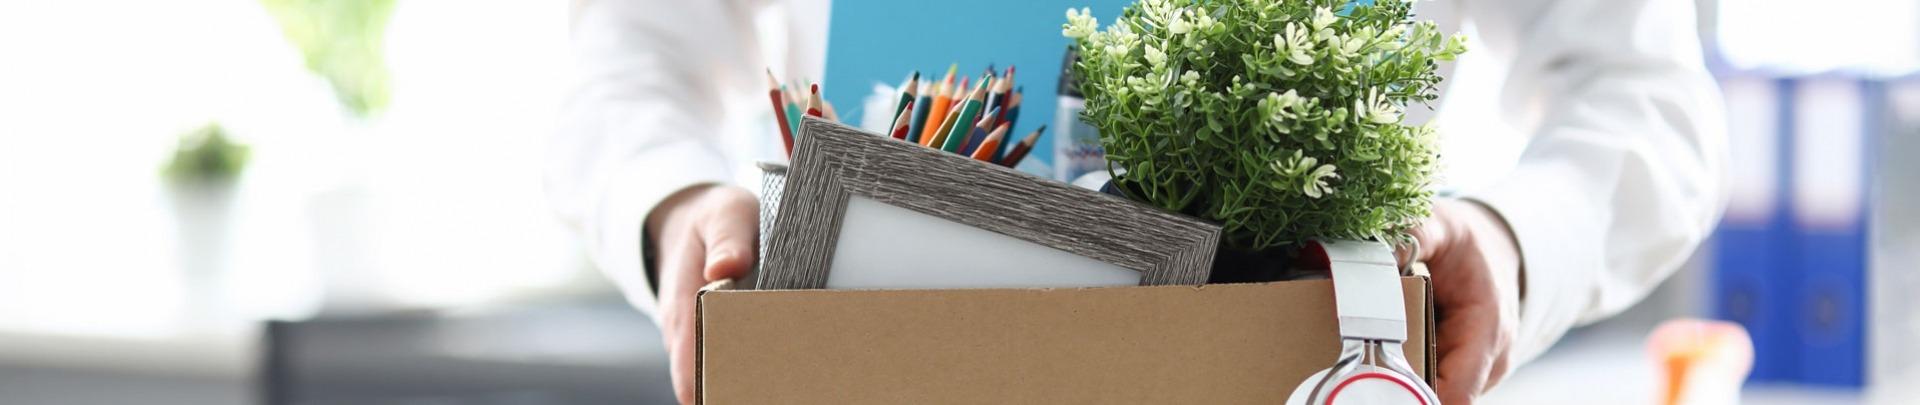 man vertrekt van kantoor met doos met persoonlijke spullen